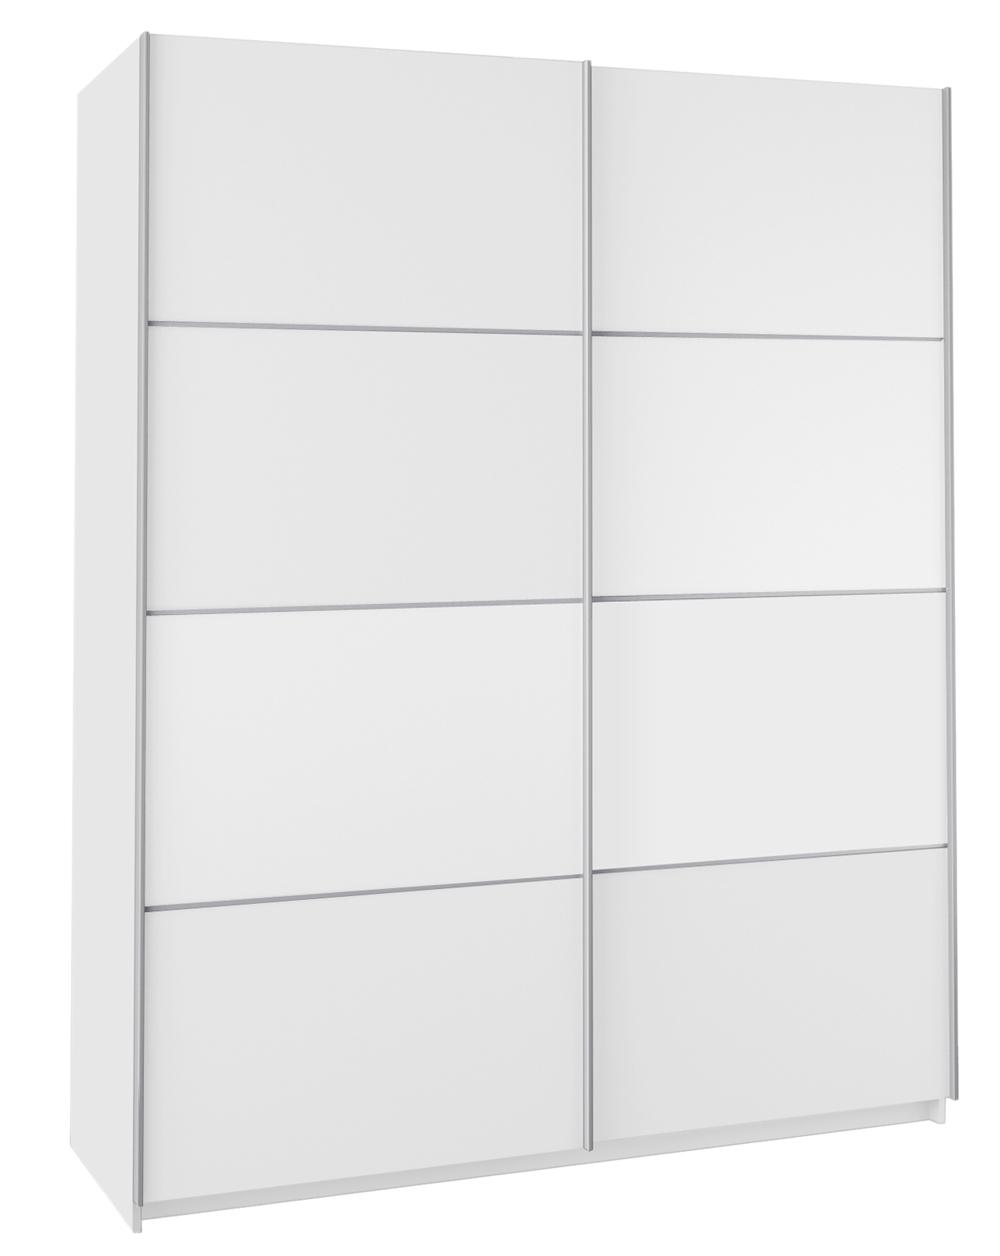 Armoire 2 portes coulissantes blanche dim 1800 x 600 x 2200 mm ebay - Armoire porte coulissante blanche ...